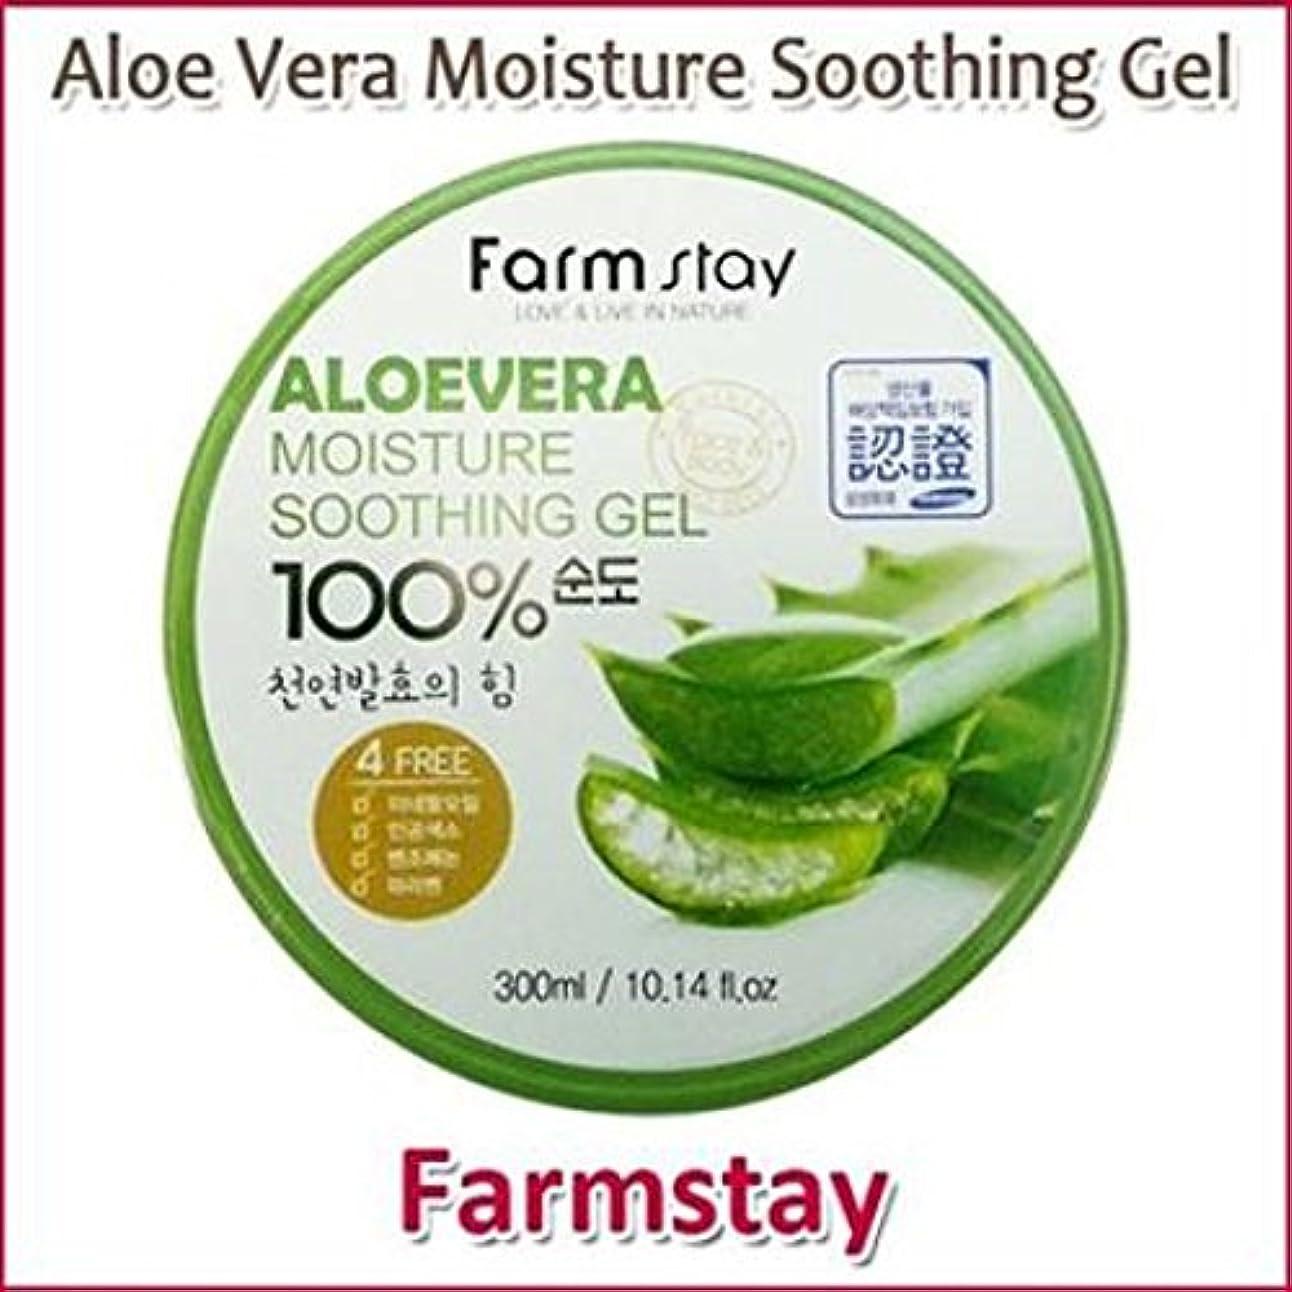 解放エイリアス僕のFarm Stay Aloe Vera Moisture Soothing Gel 300ml /オーガニック アロエベラゲル 100%/保湿ケア/韓国コスメ/Aloe Vera 100% /Moisturizing [...